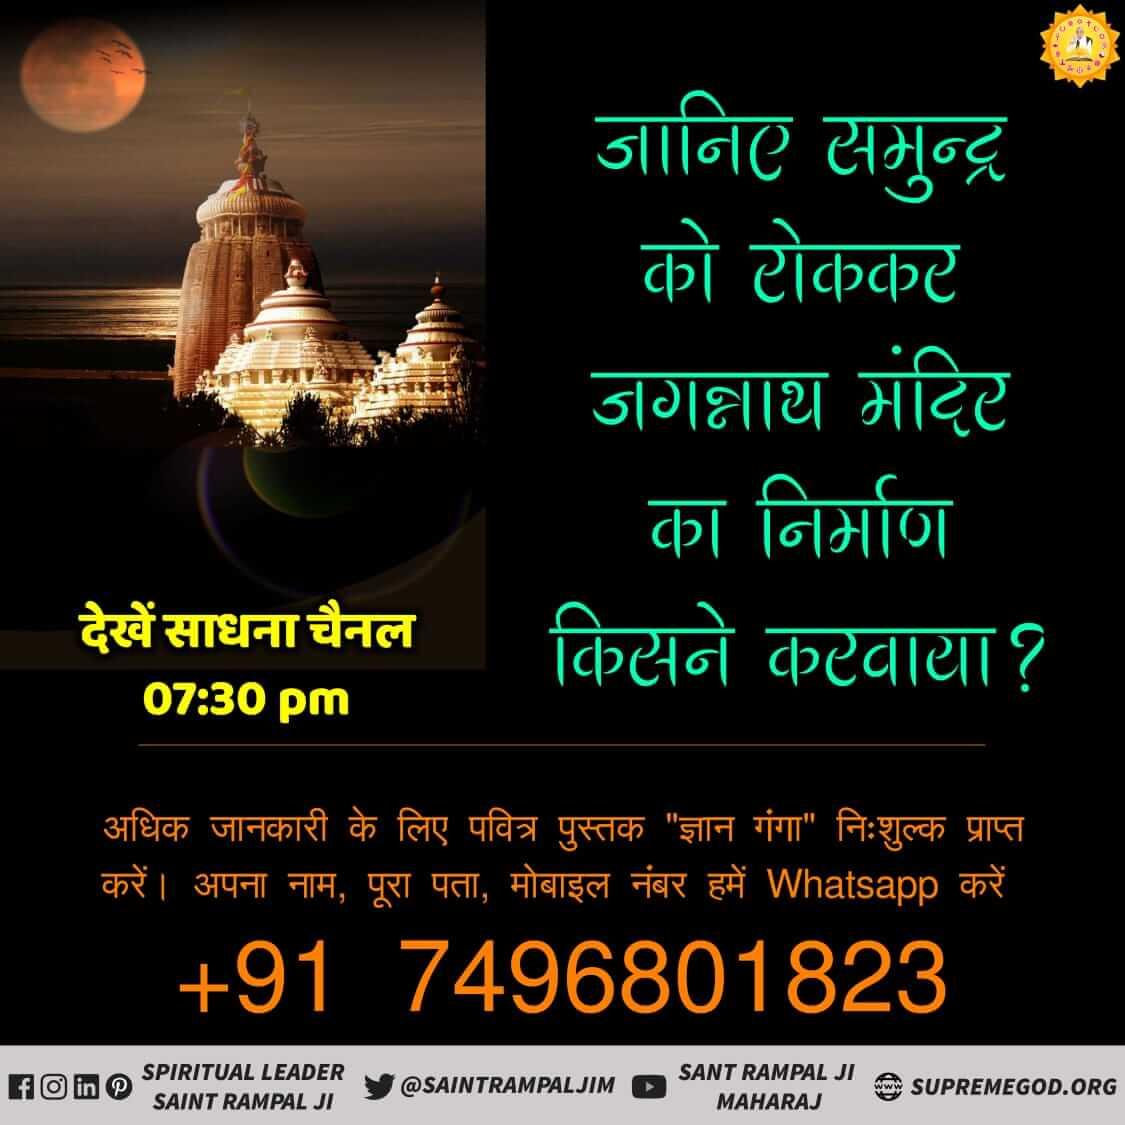 #MondayMotivation जरूर जानिए समुद्र को रोककर जगन्नाथ मंदिर किसने बनवाया? अधिक जानकारी के लिए जरूर पढिये पुस्तक ज्ञान गंगा निःशुल्क मंगवाने के लिए पूरा पता फोन नम्बर सहित भेजिये👉7496801825 पर